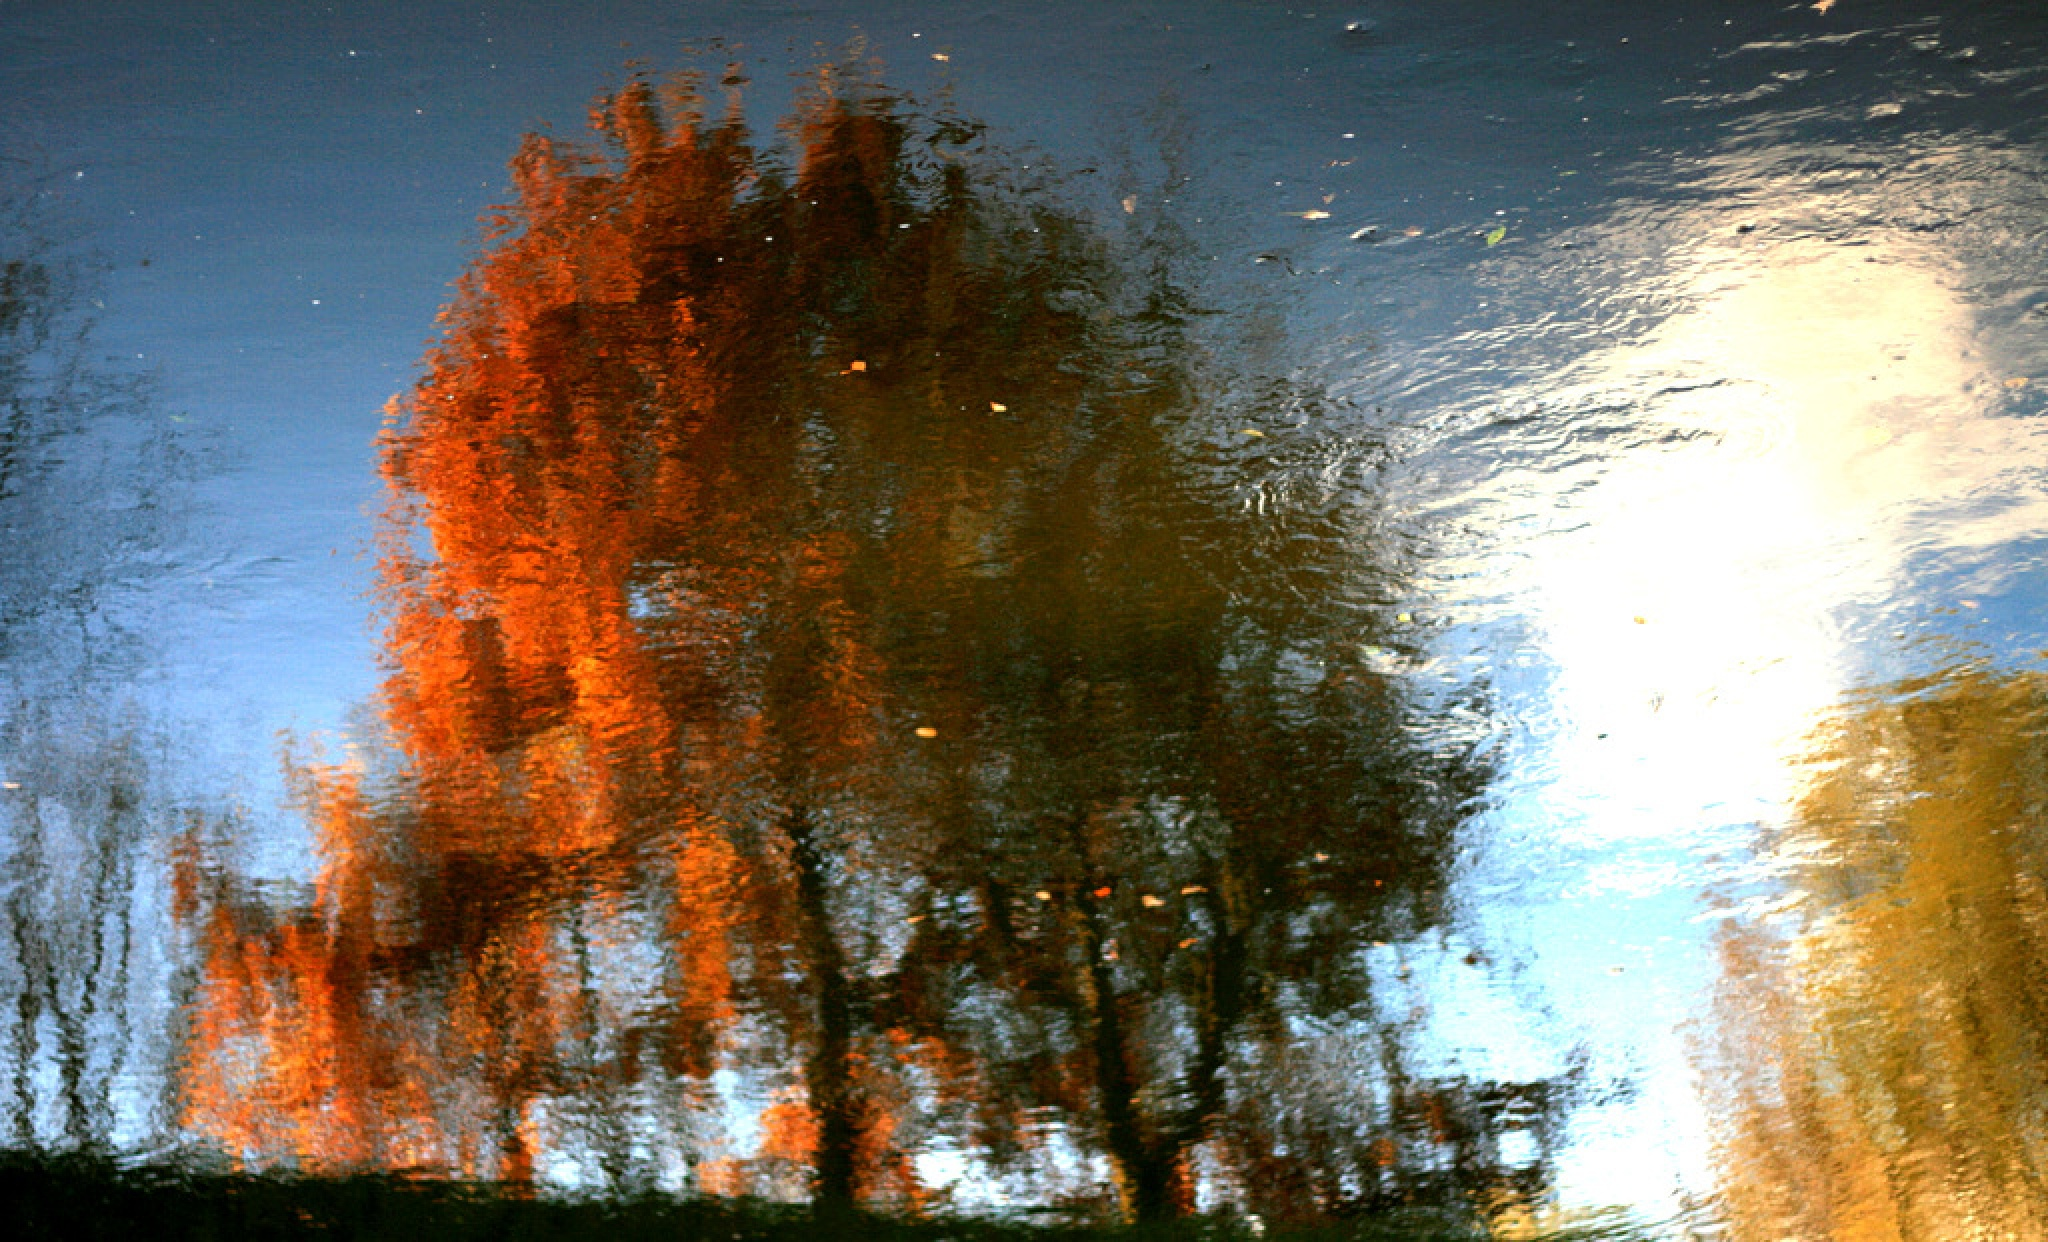 Autumn tree by JAKOKTO PAUKAS